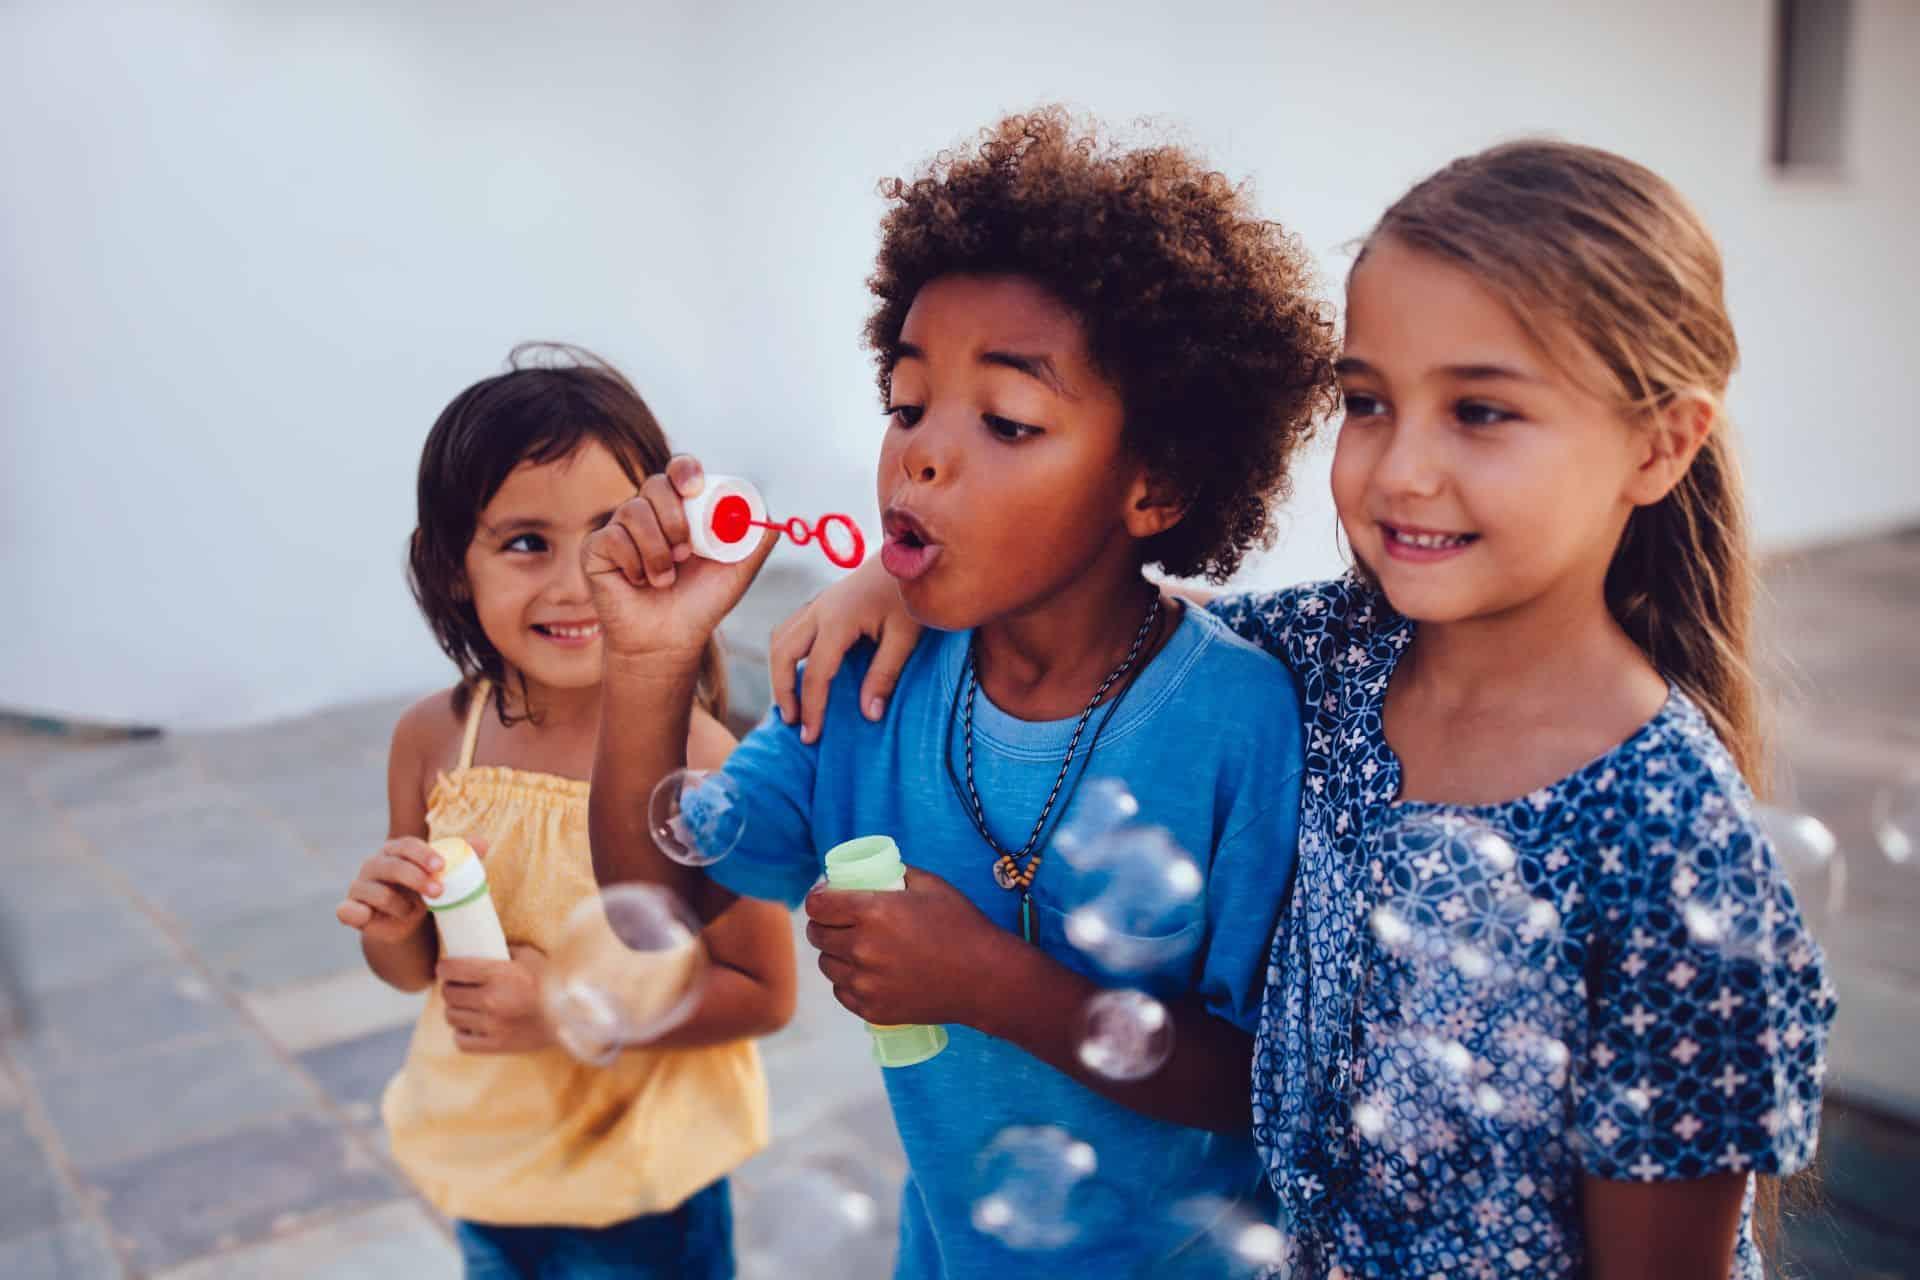 Hoe kan je met je kinderen praten over racisme?